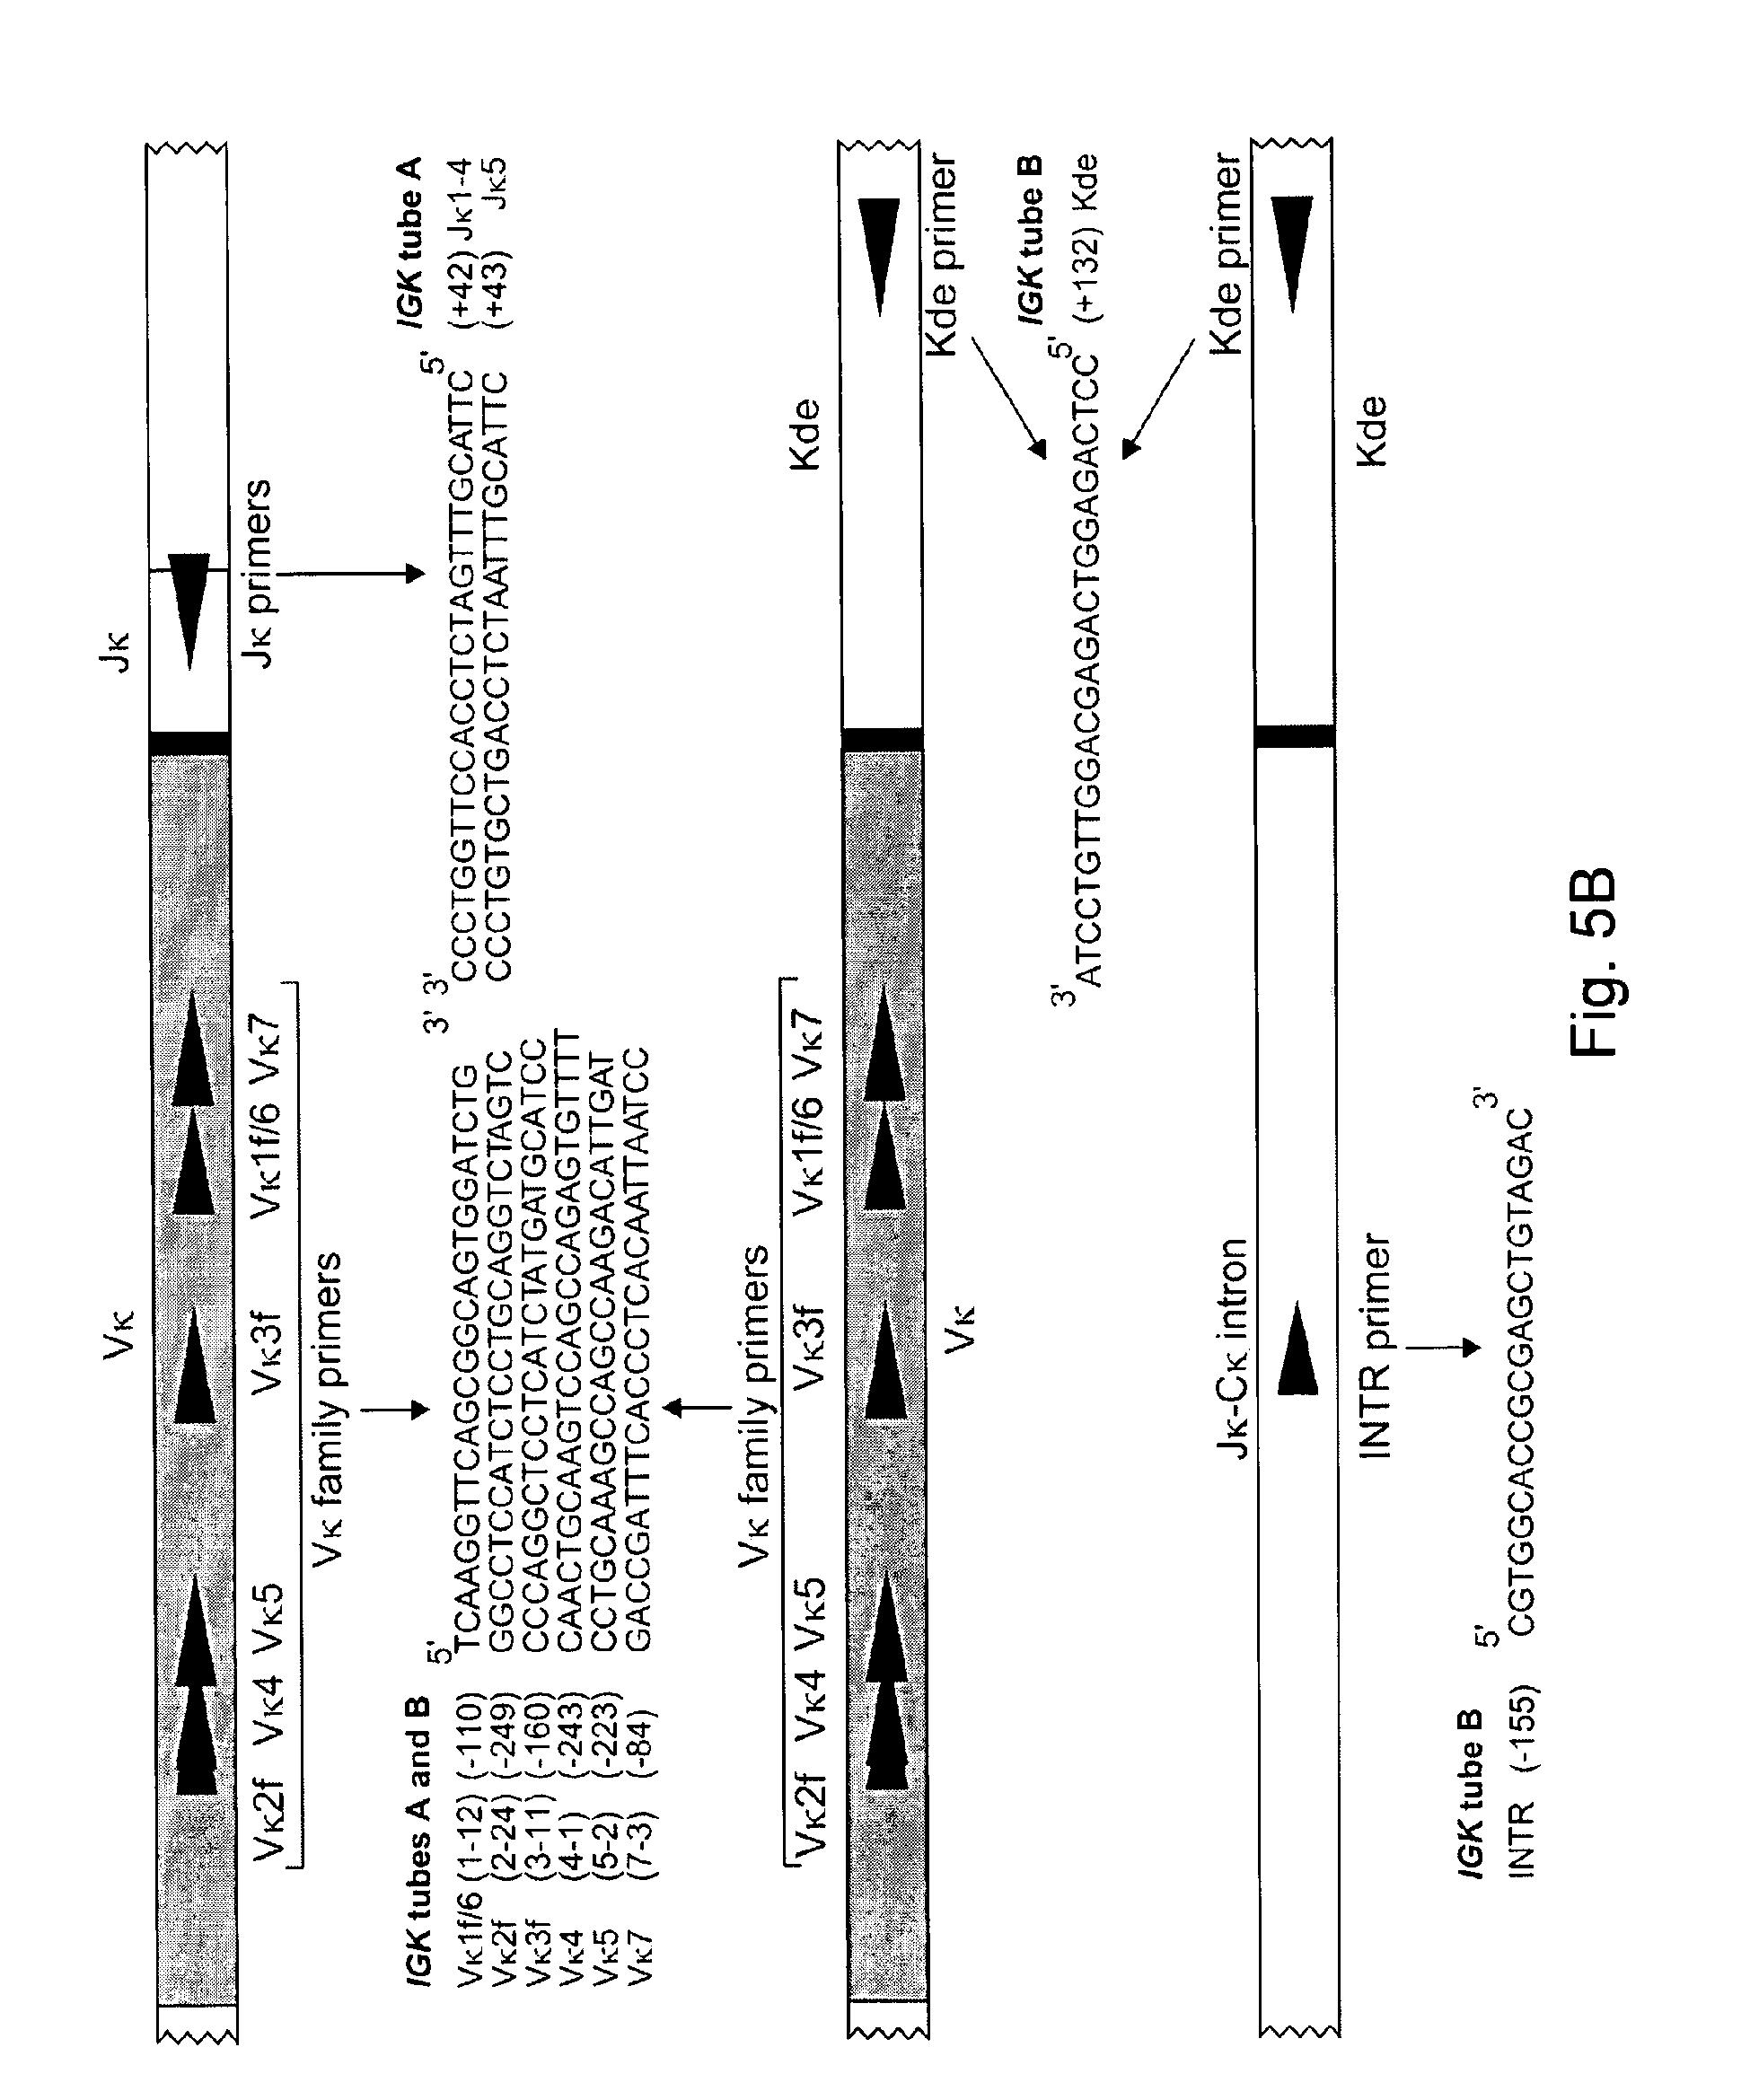 s1010i-10fe-ac电路图